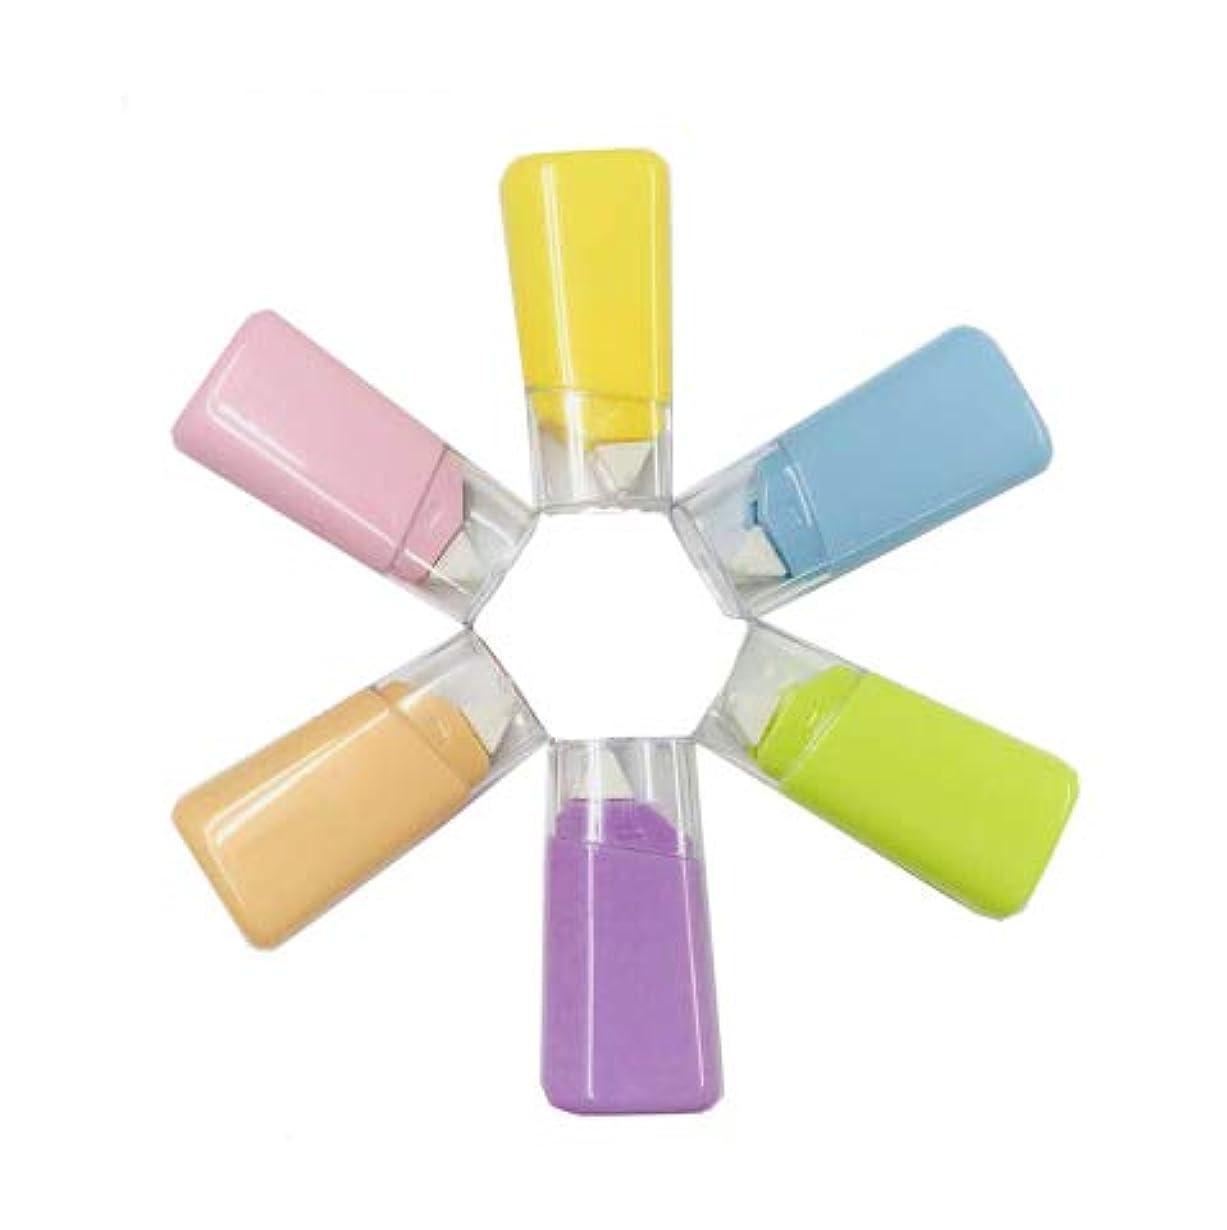 生産的フィッティング速度プラス 修正テープ ホワイパー PT 5mm 本体 3色 各1個セット